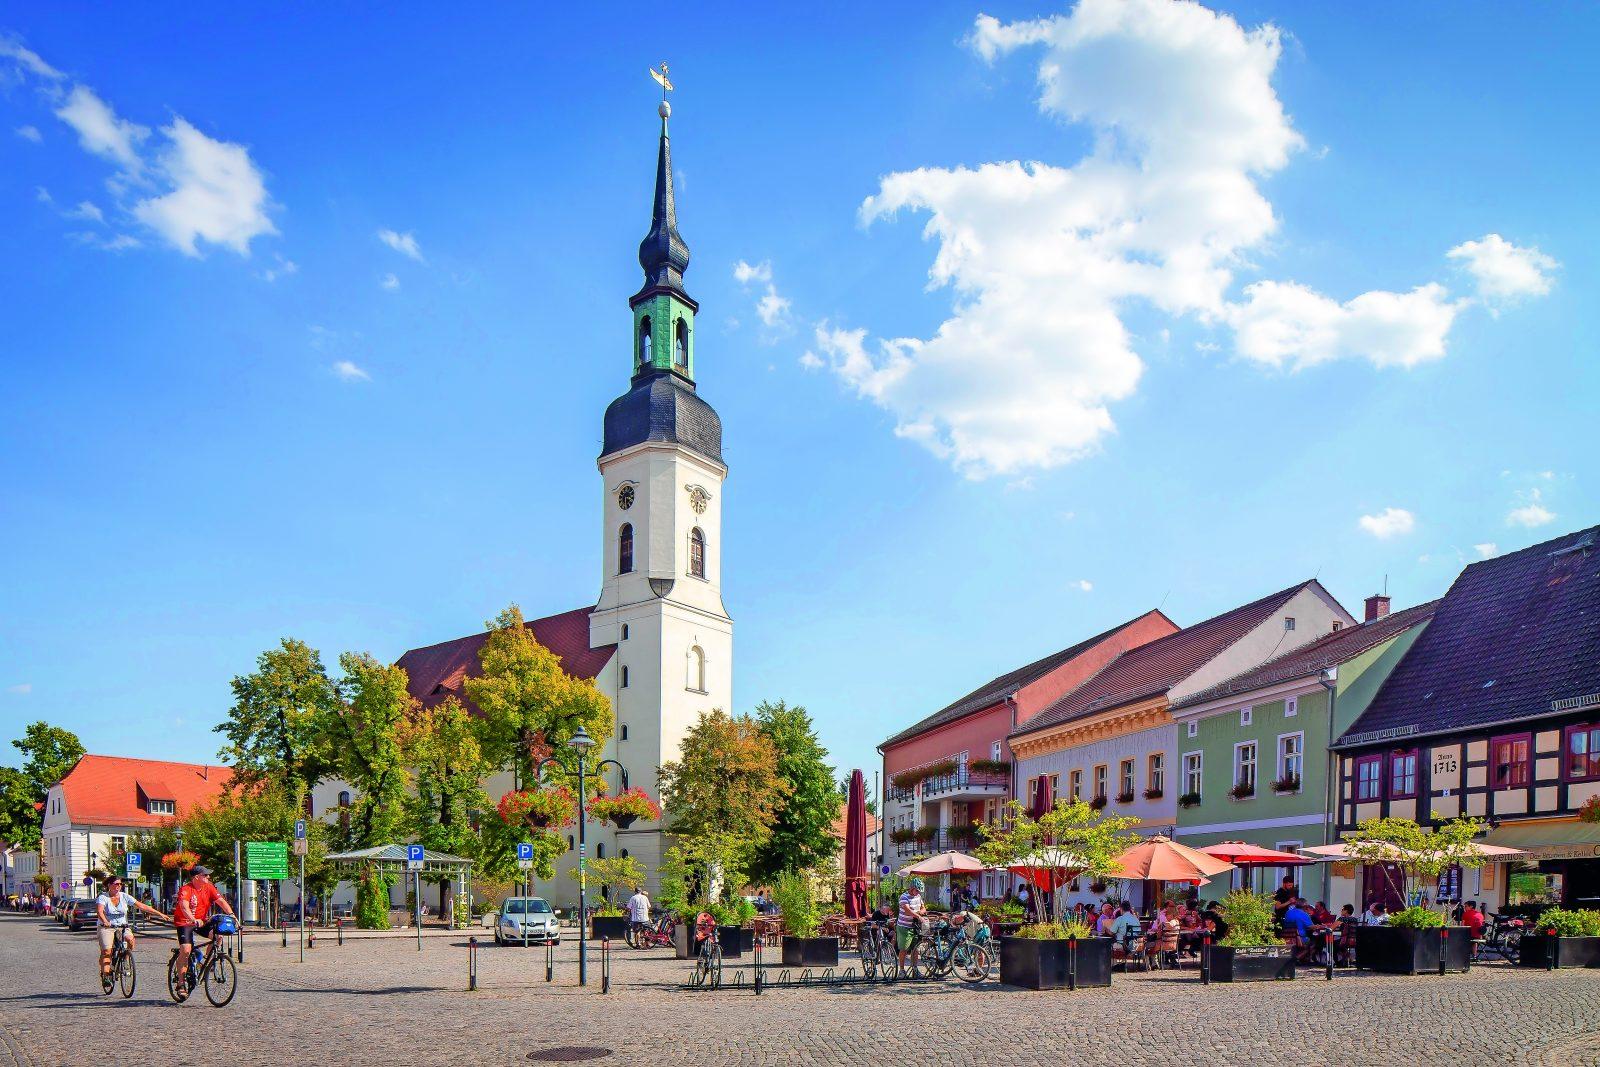 Anstehende Ereignisse In Mainz